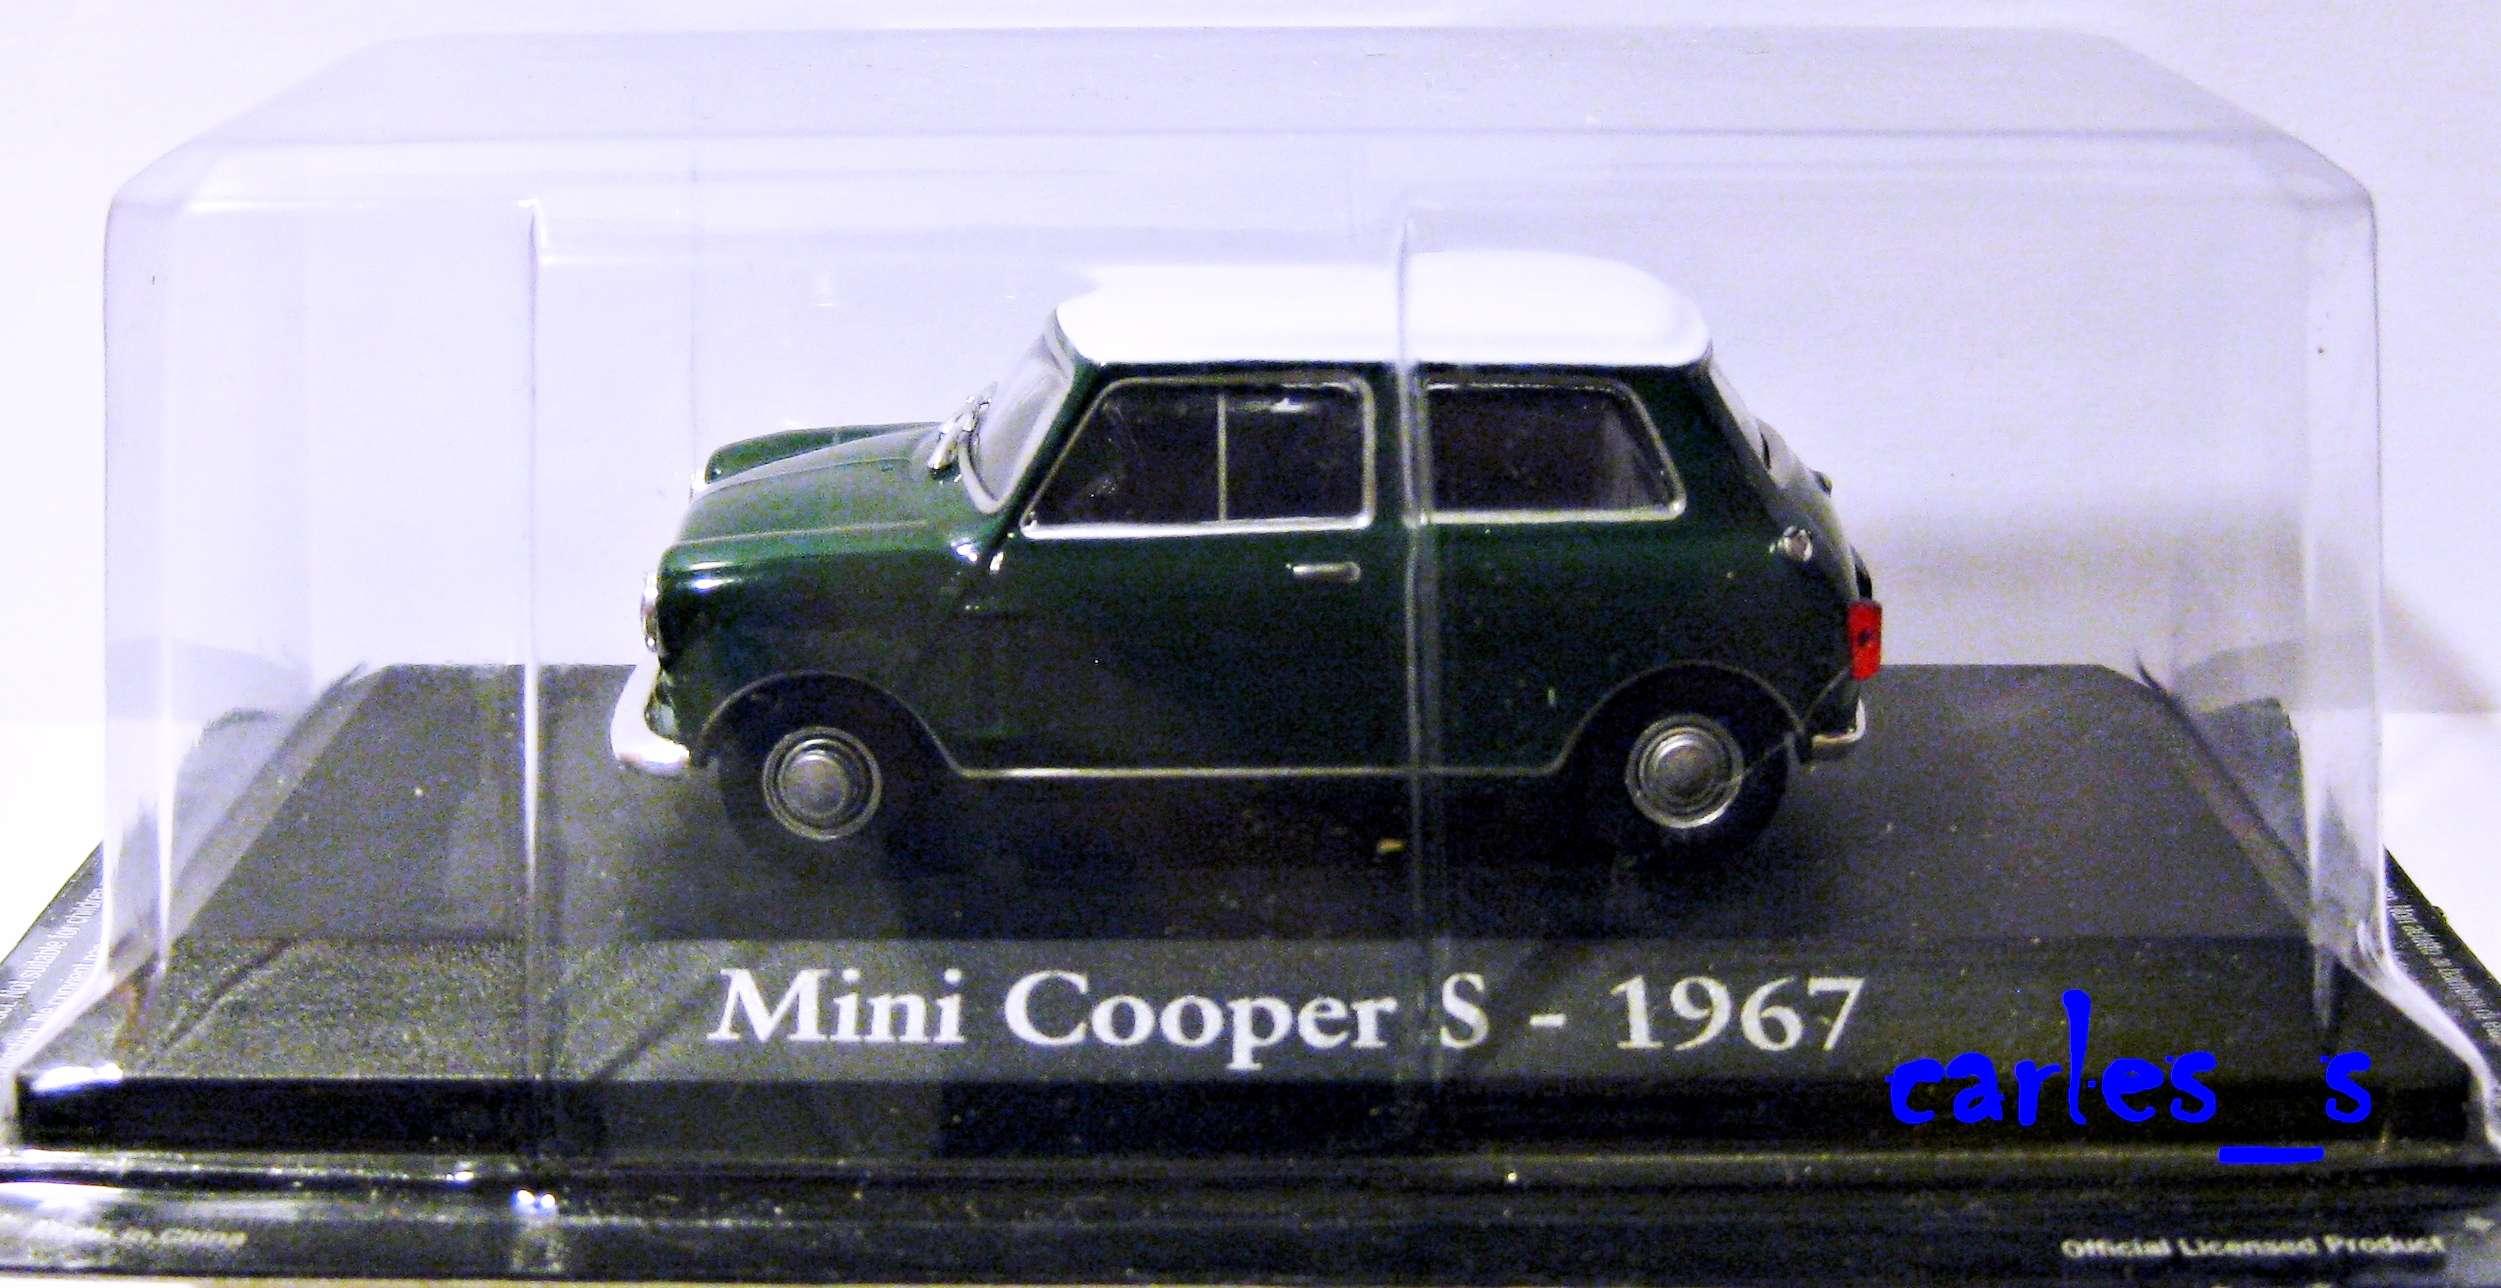 Mini Cooper s 1967 1 43 IXO RBA Coches Clasicos Inolvidables  eBay